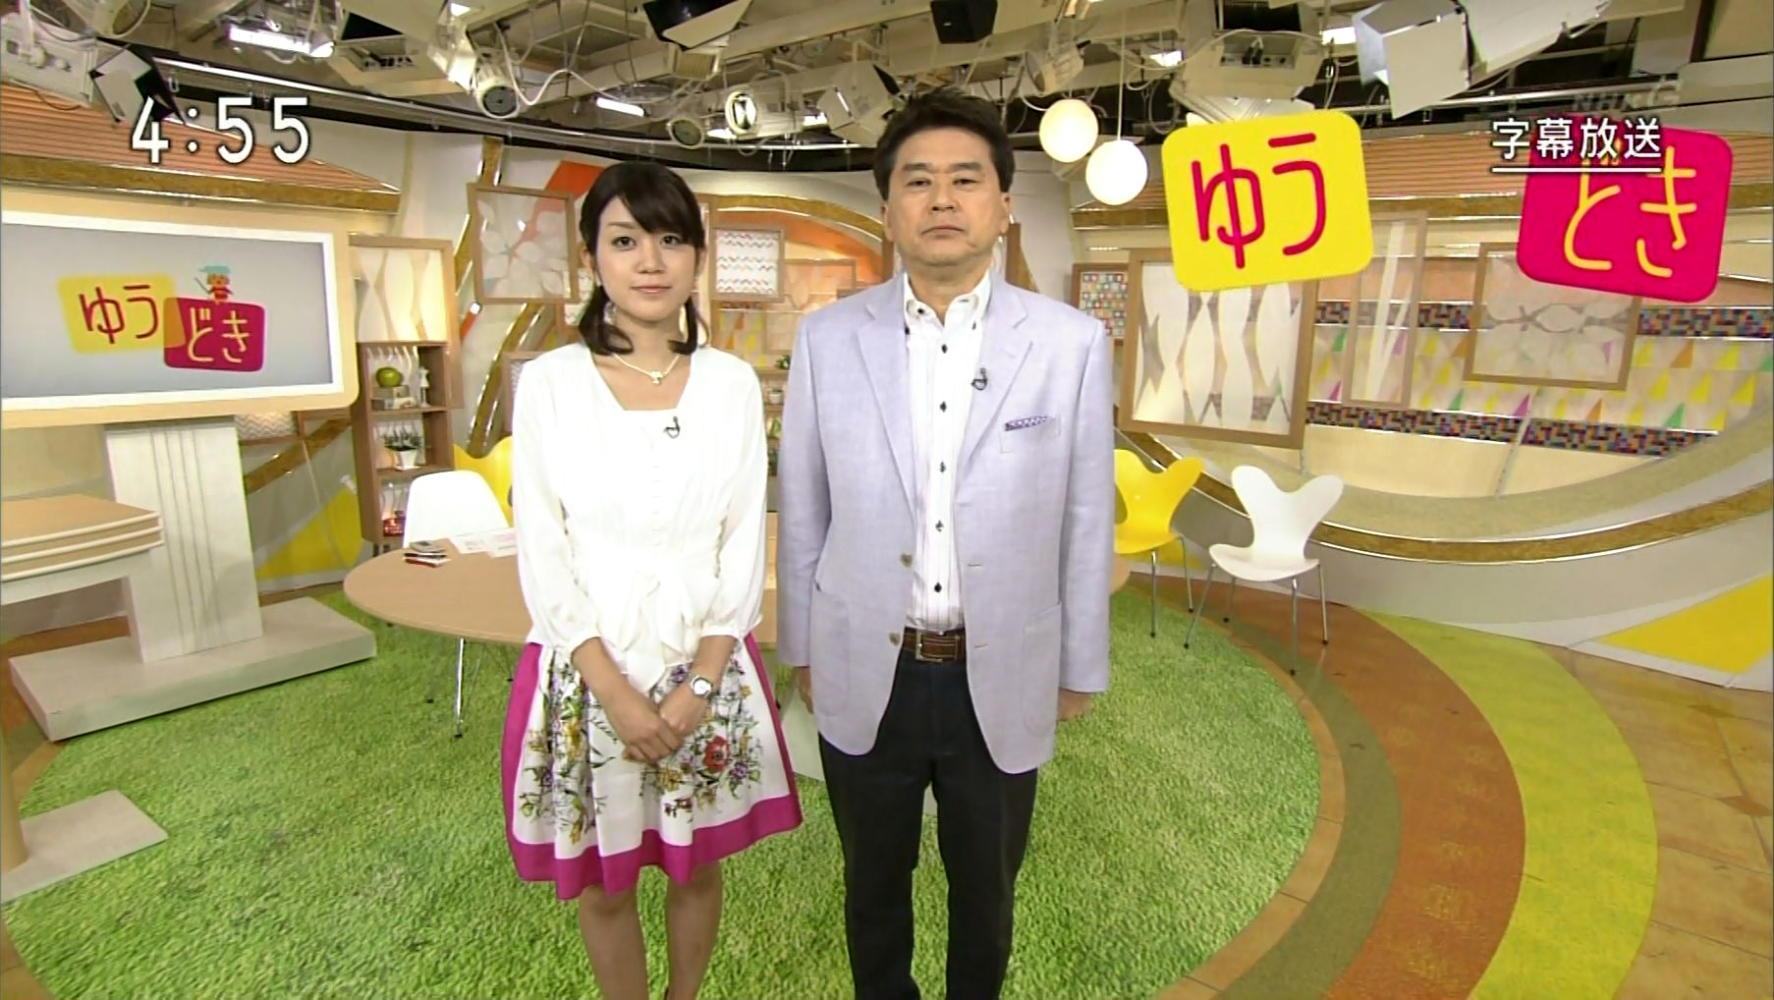 合原明子 ゆうどき 14/04/16:女...